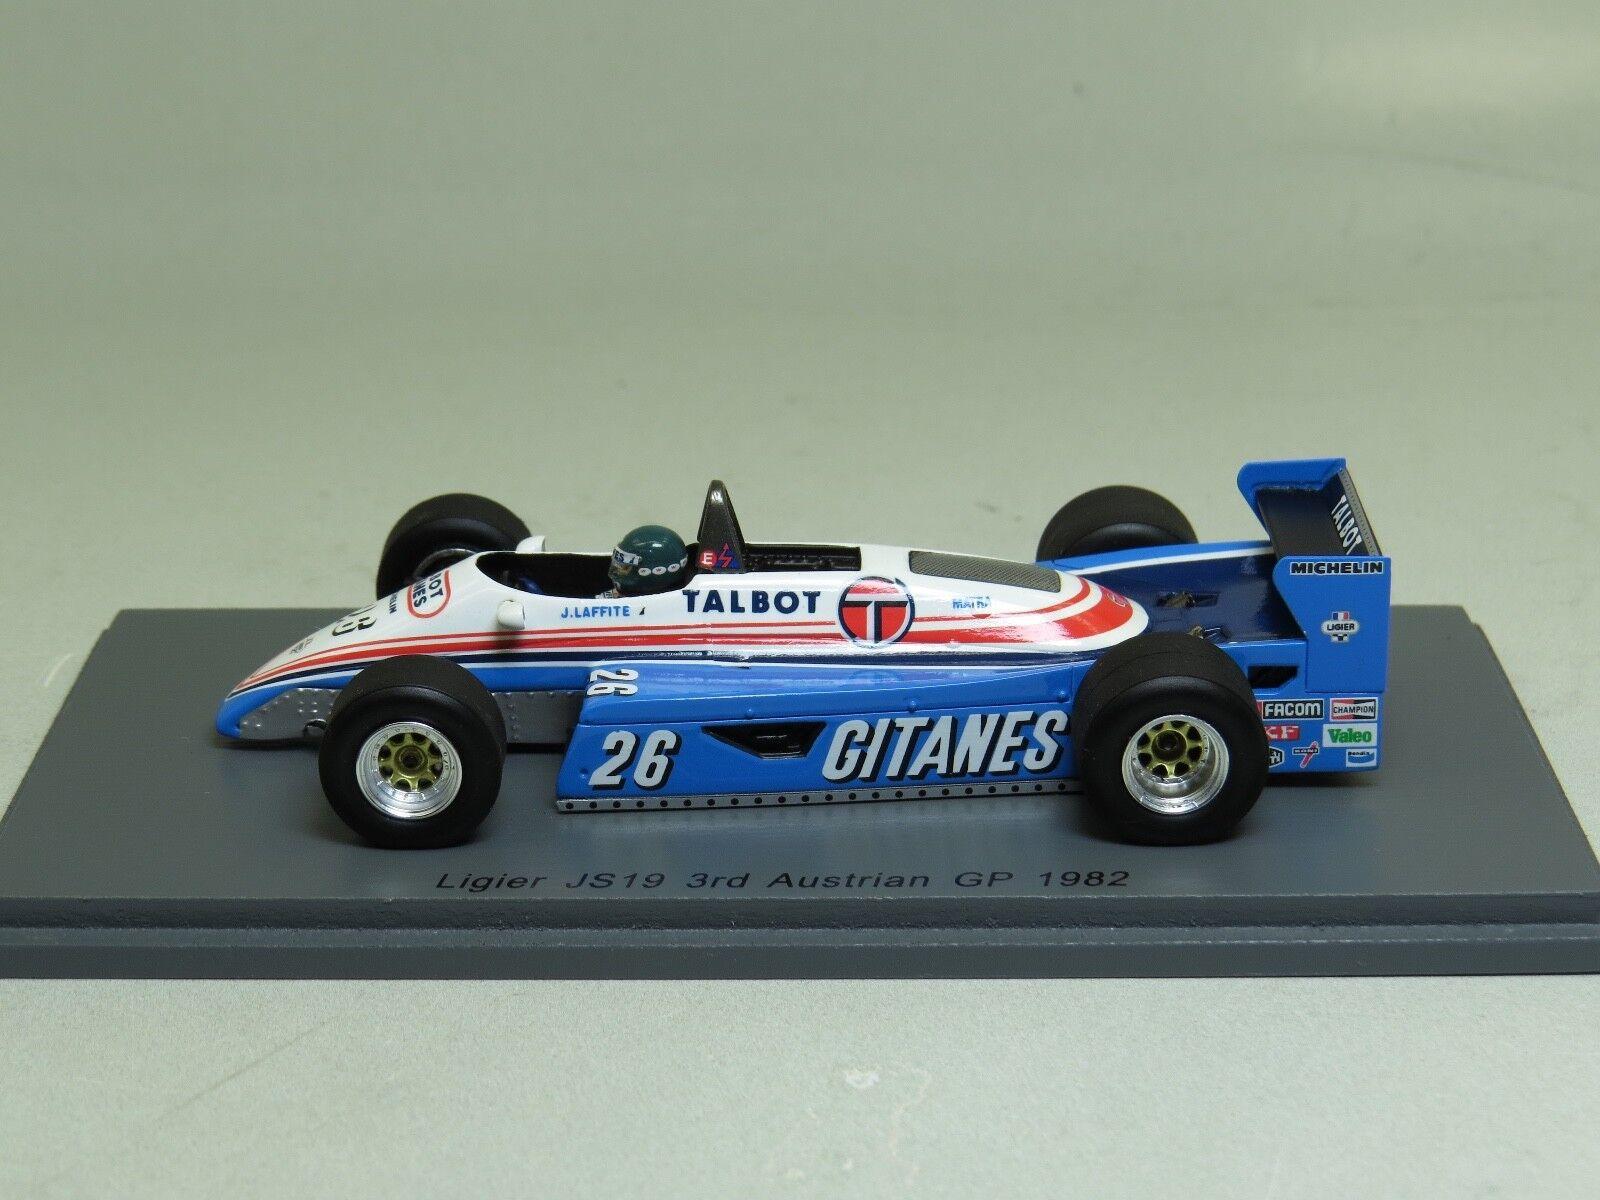 Ligier JS19 3rd Austrian GP 1982 Jacques Laffite Spark S4264 GITANES 1 43